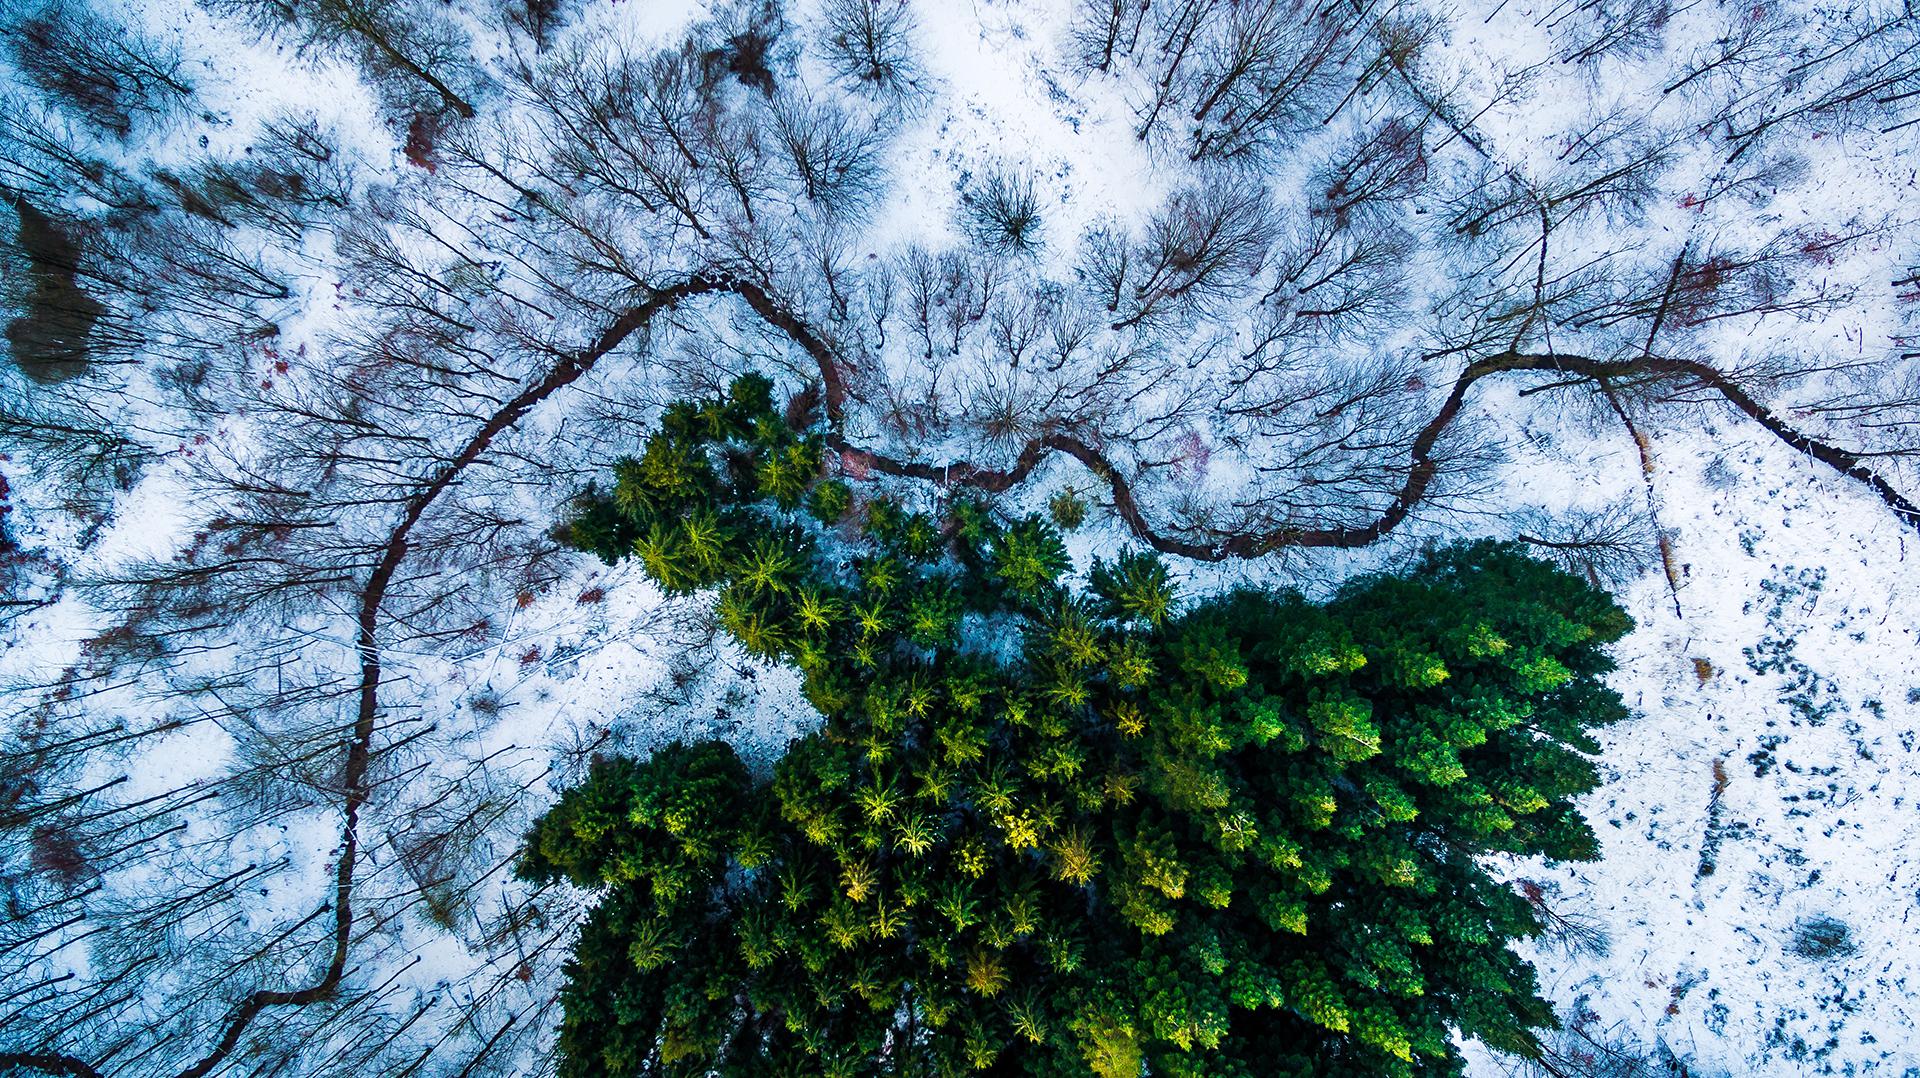 El bosque de Kalbyris, en Dinamarca, ganó el primer premio en Naturaleza y vida salvaje (Michael B. Rasmussen)